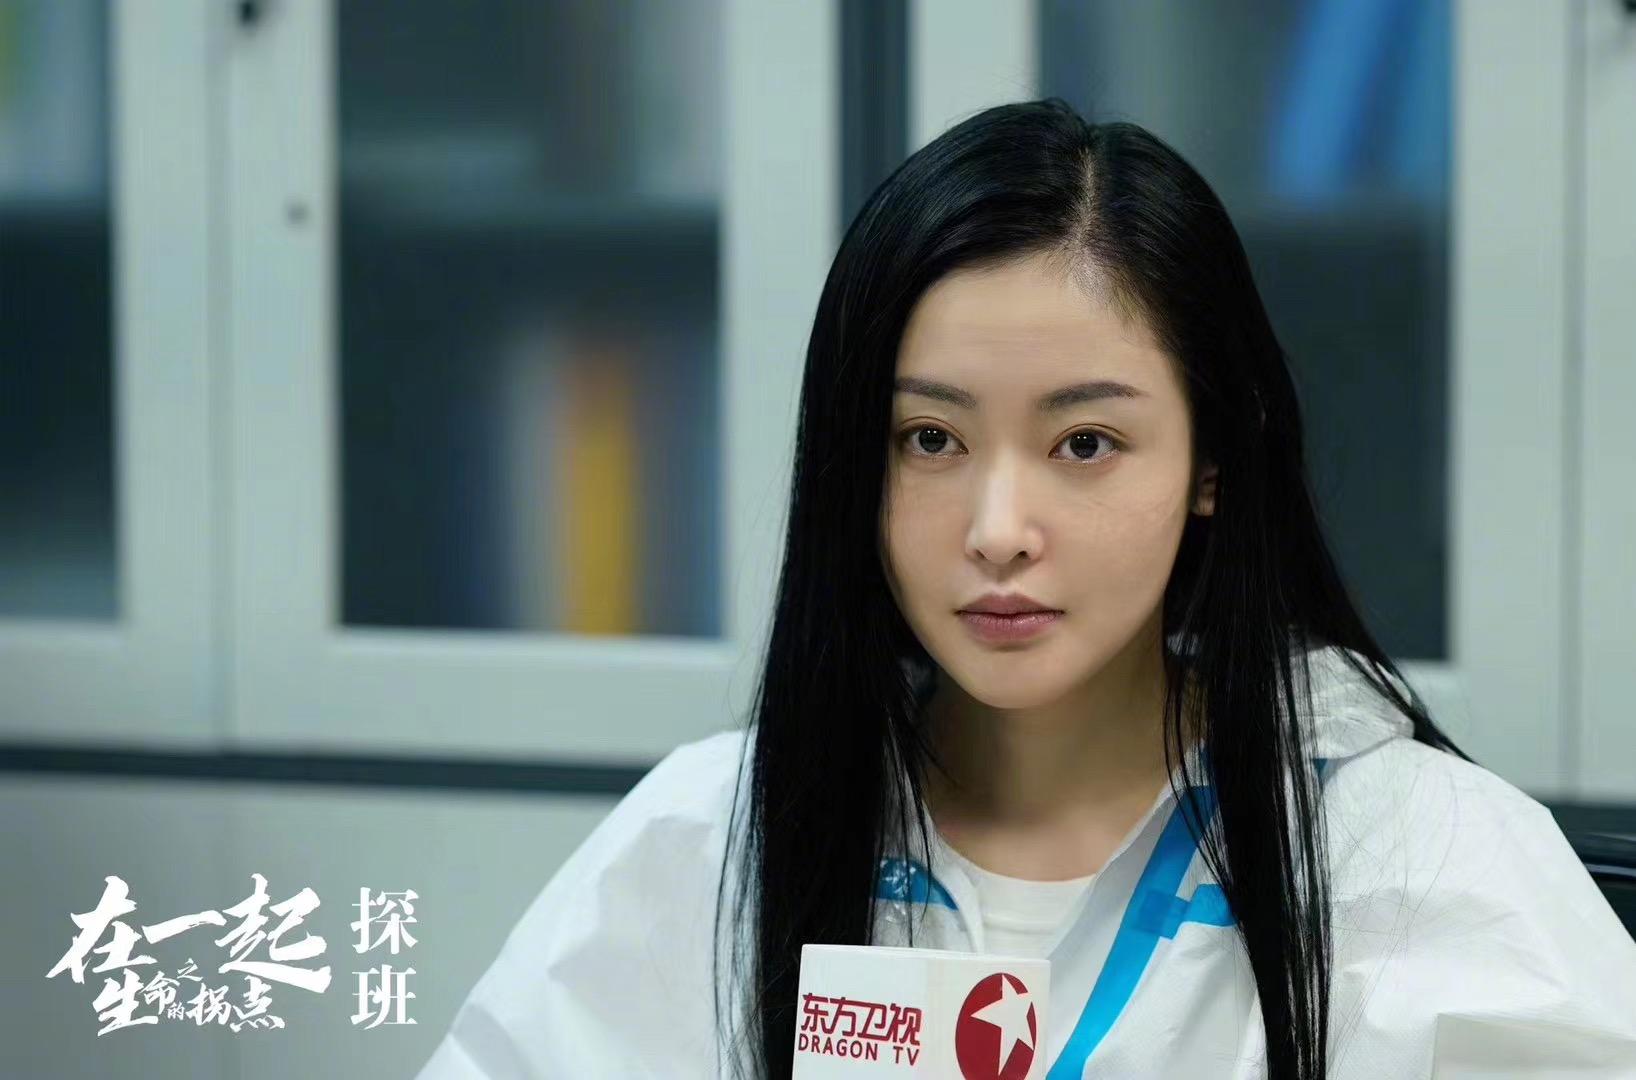 张天爱《在一起》定档 饰演白衣天使致敬最美逆行者